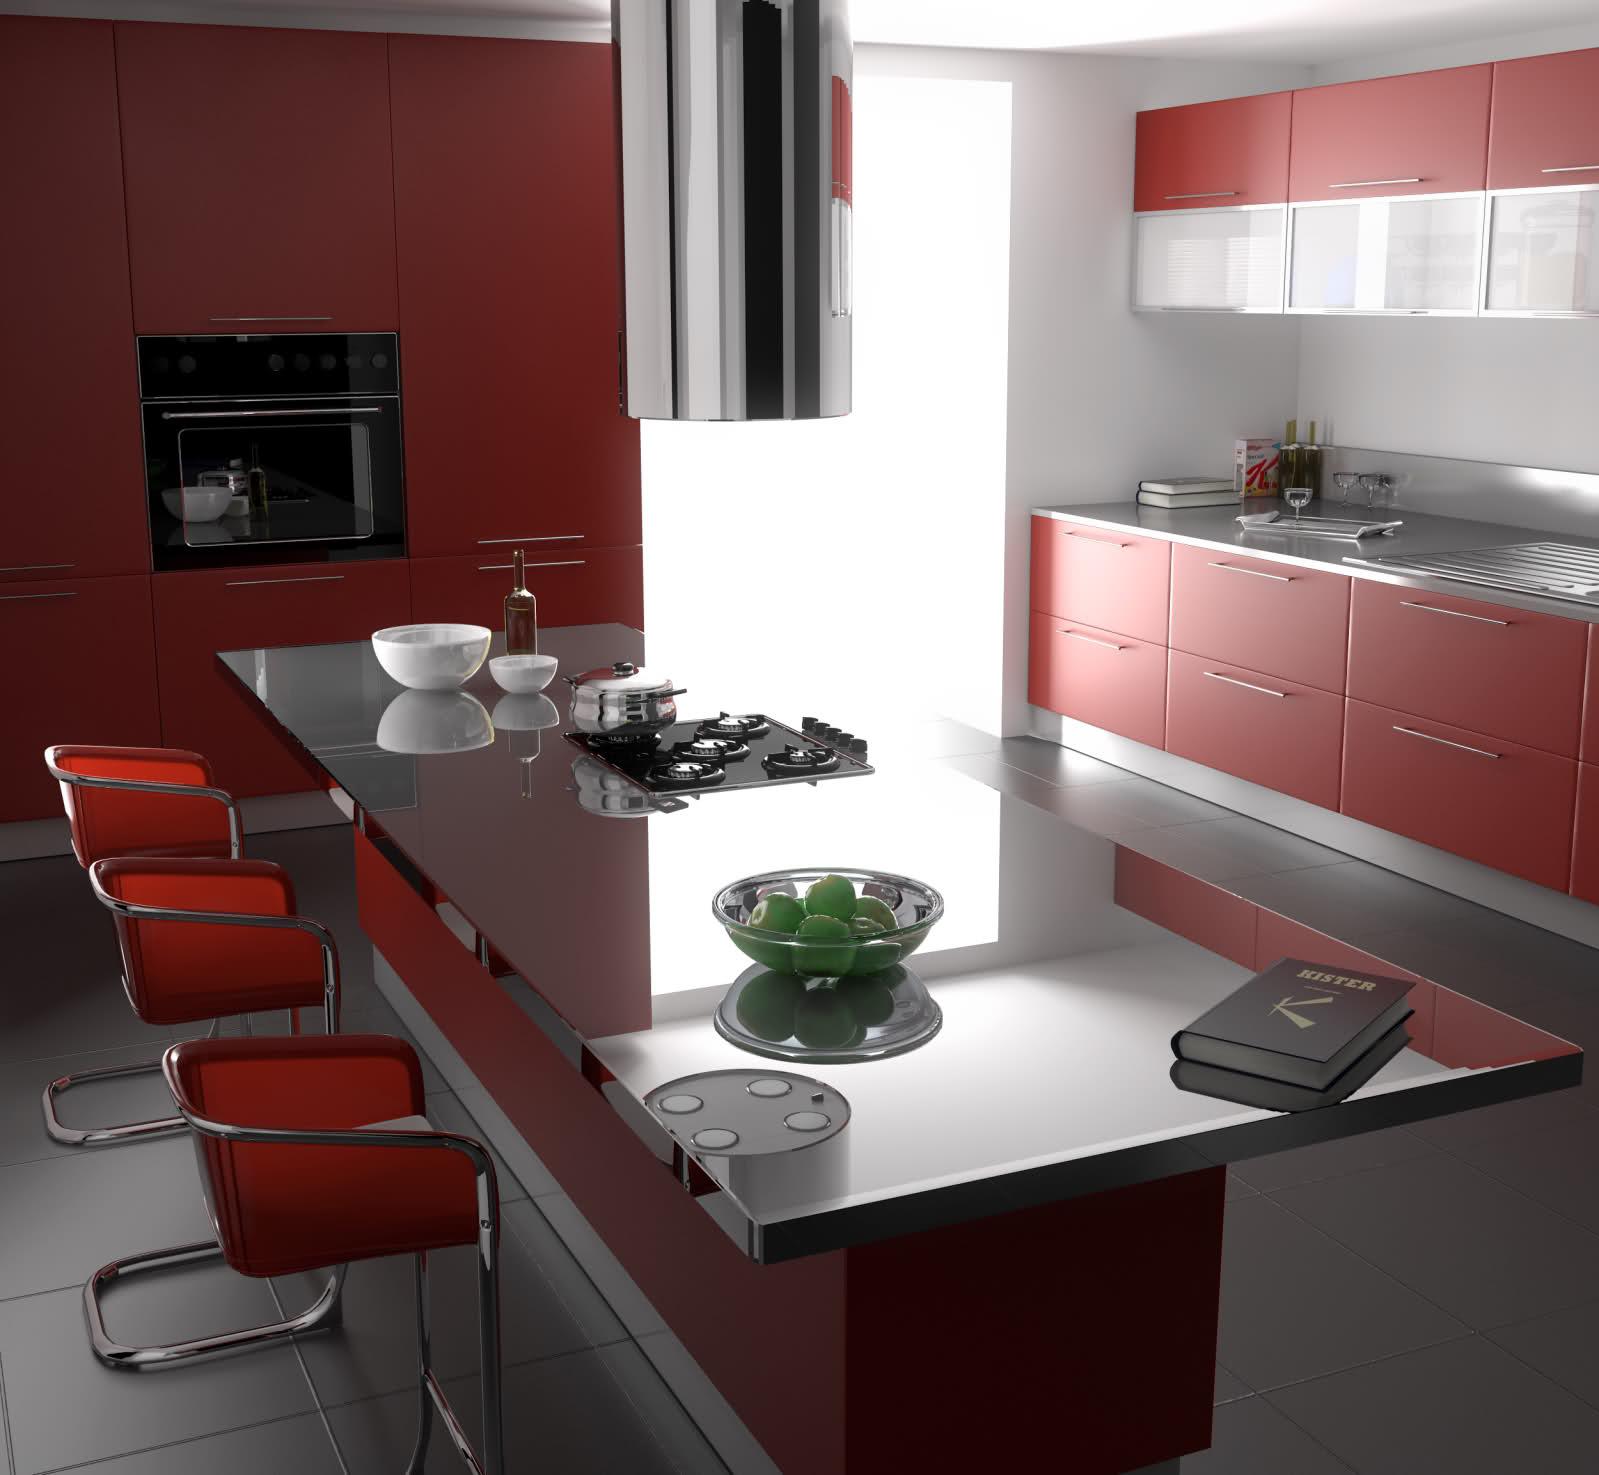 Modern Kitchen Set Red: Gambar Desain Interior Minimalis: Gambar Dapur Minimalis